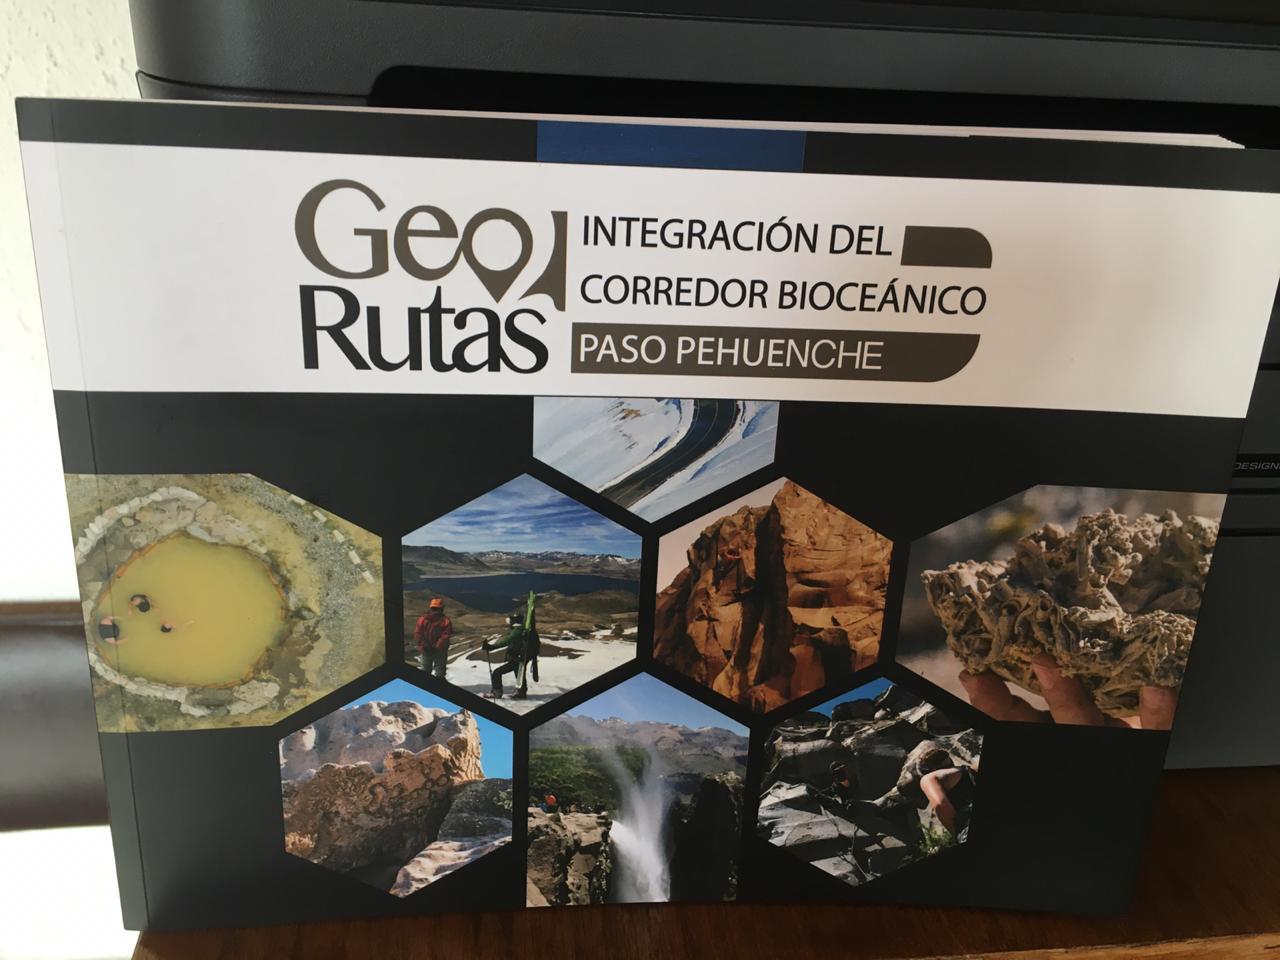 Libro guía rescata y pone en valor 11 sitios de importancia geo turística del corredor bioceánico paso Internacional Pehuenche